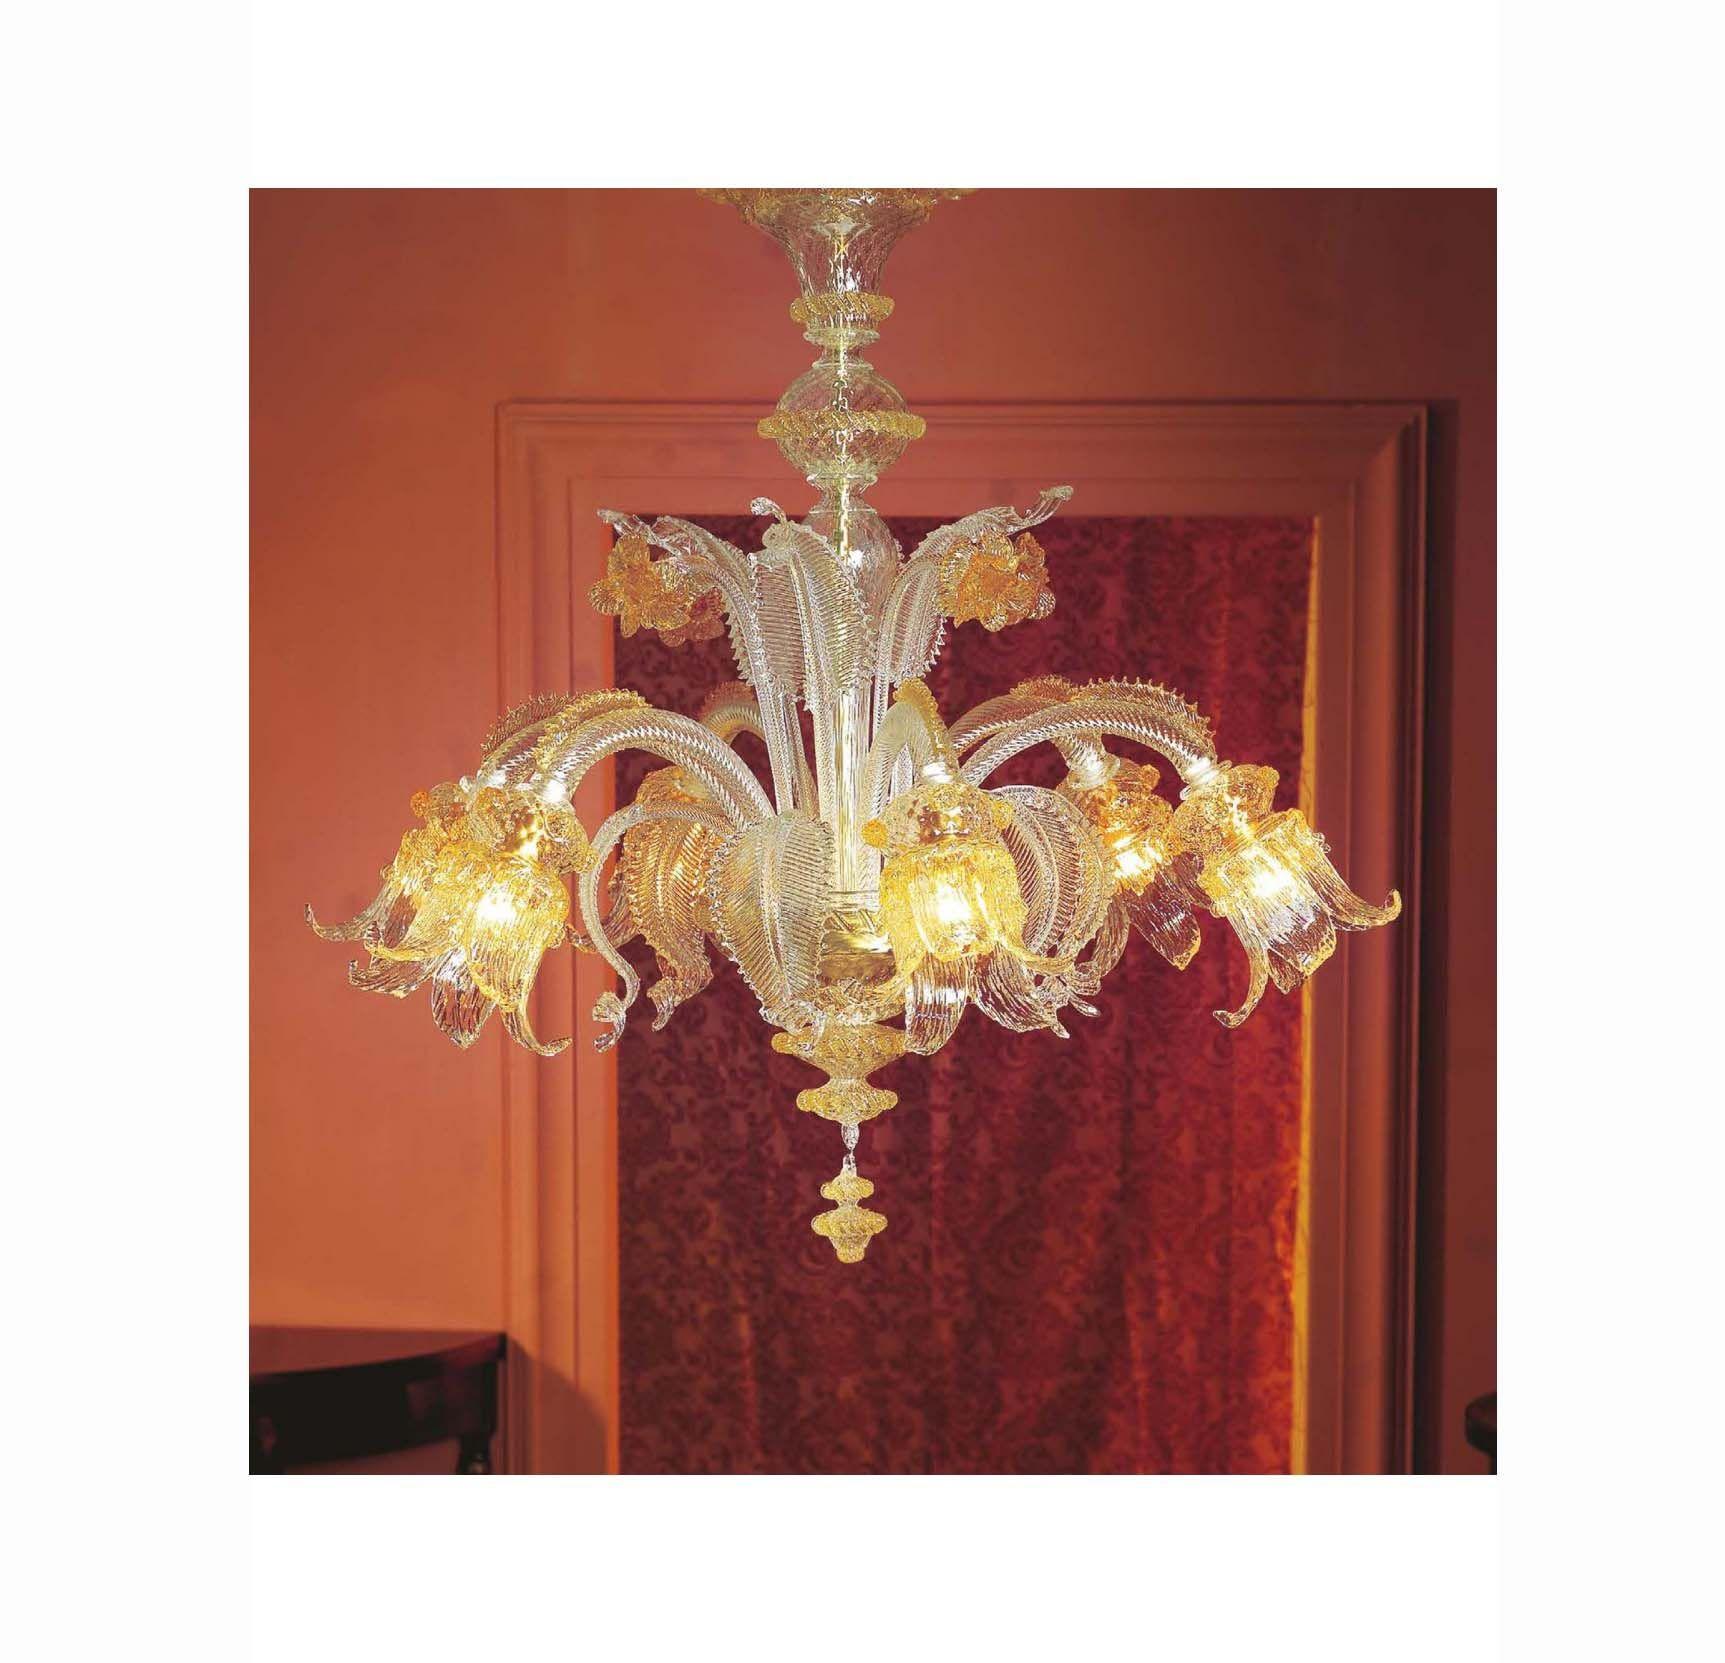 Lampadario murano di venezia ambra 6 luci made in italy